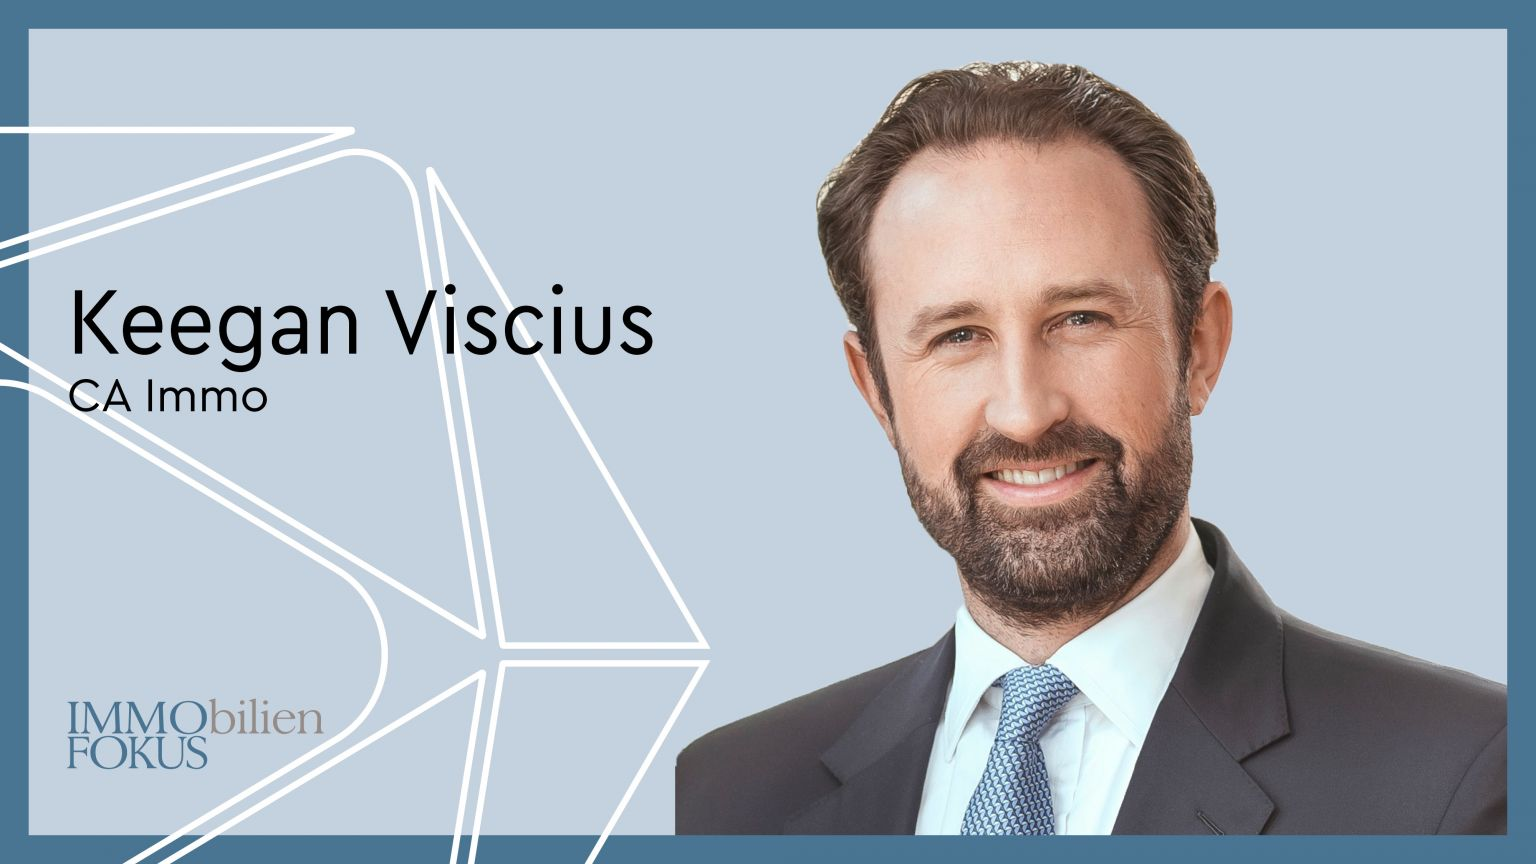 CA Immo verlängert Mandat von CIO Viscius vorzeitig